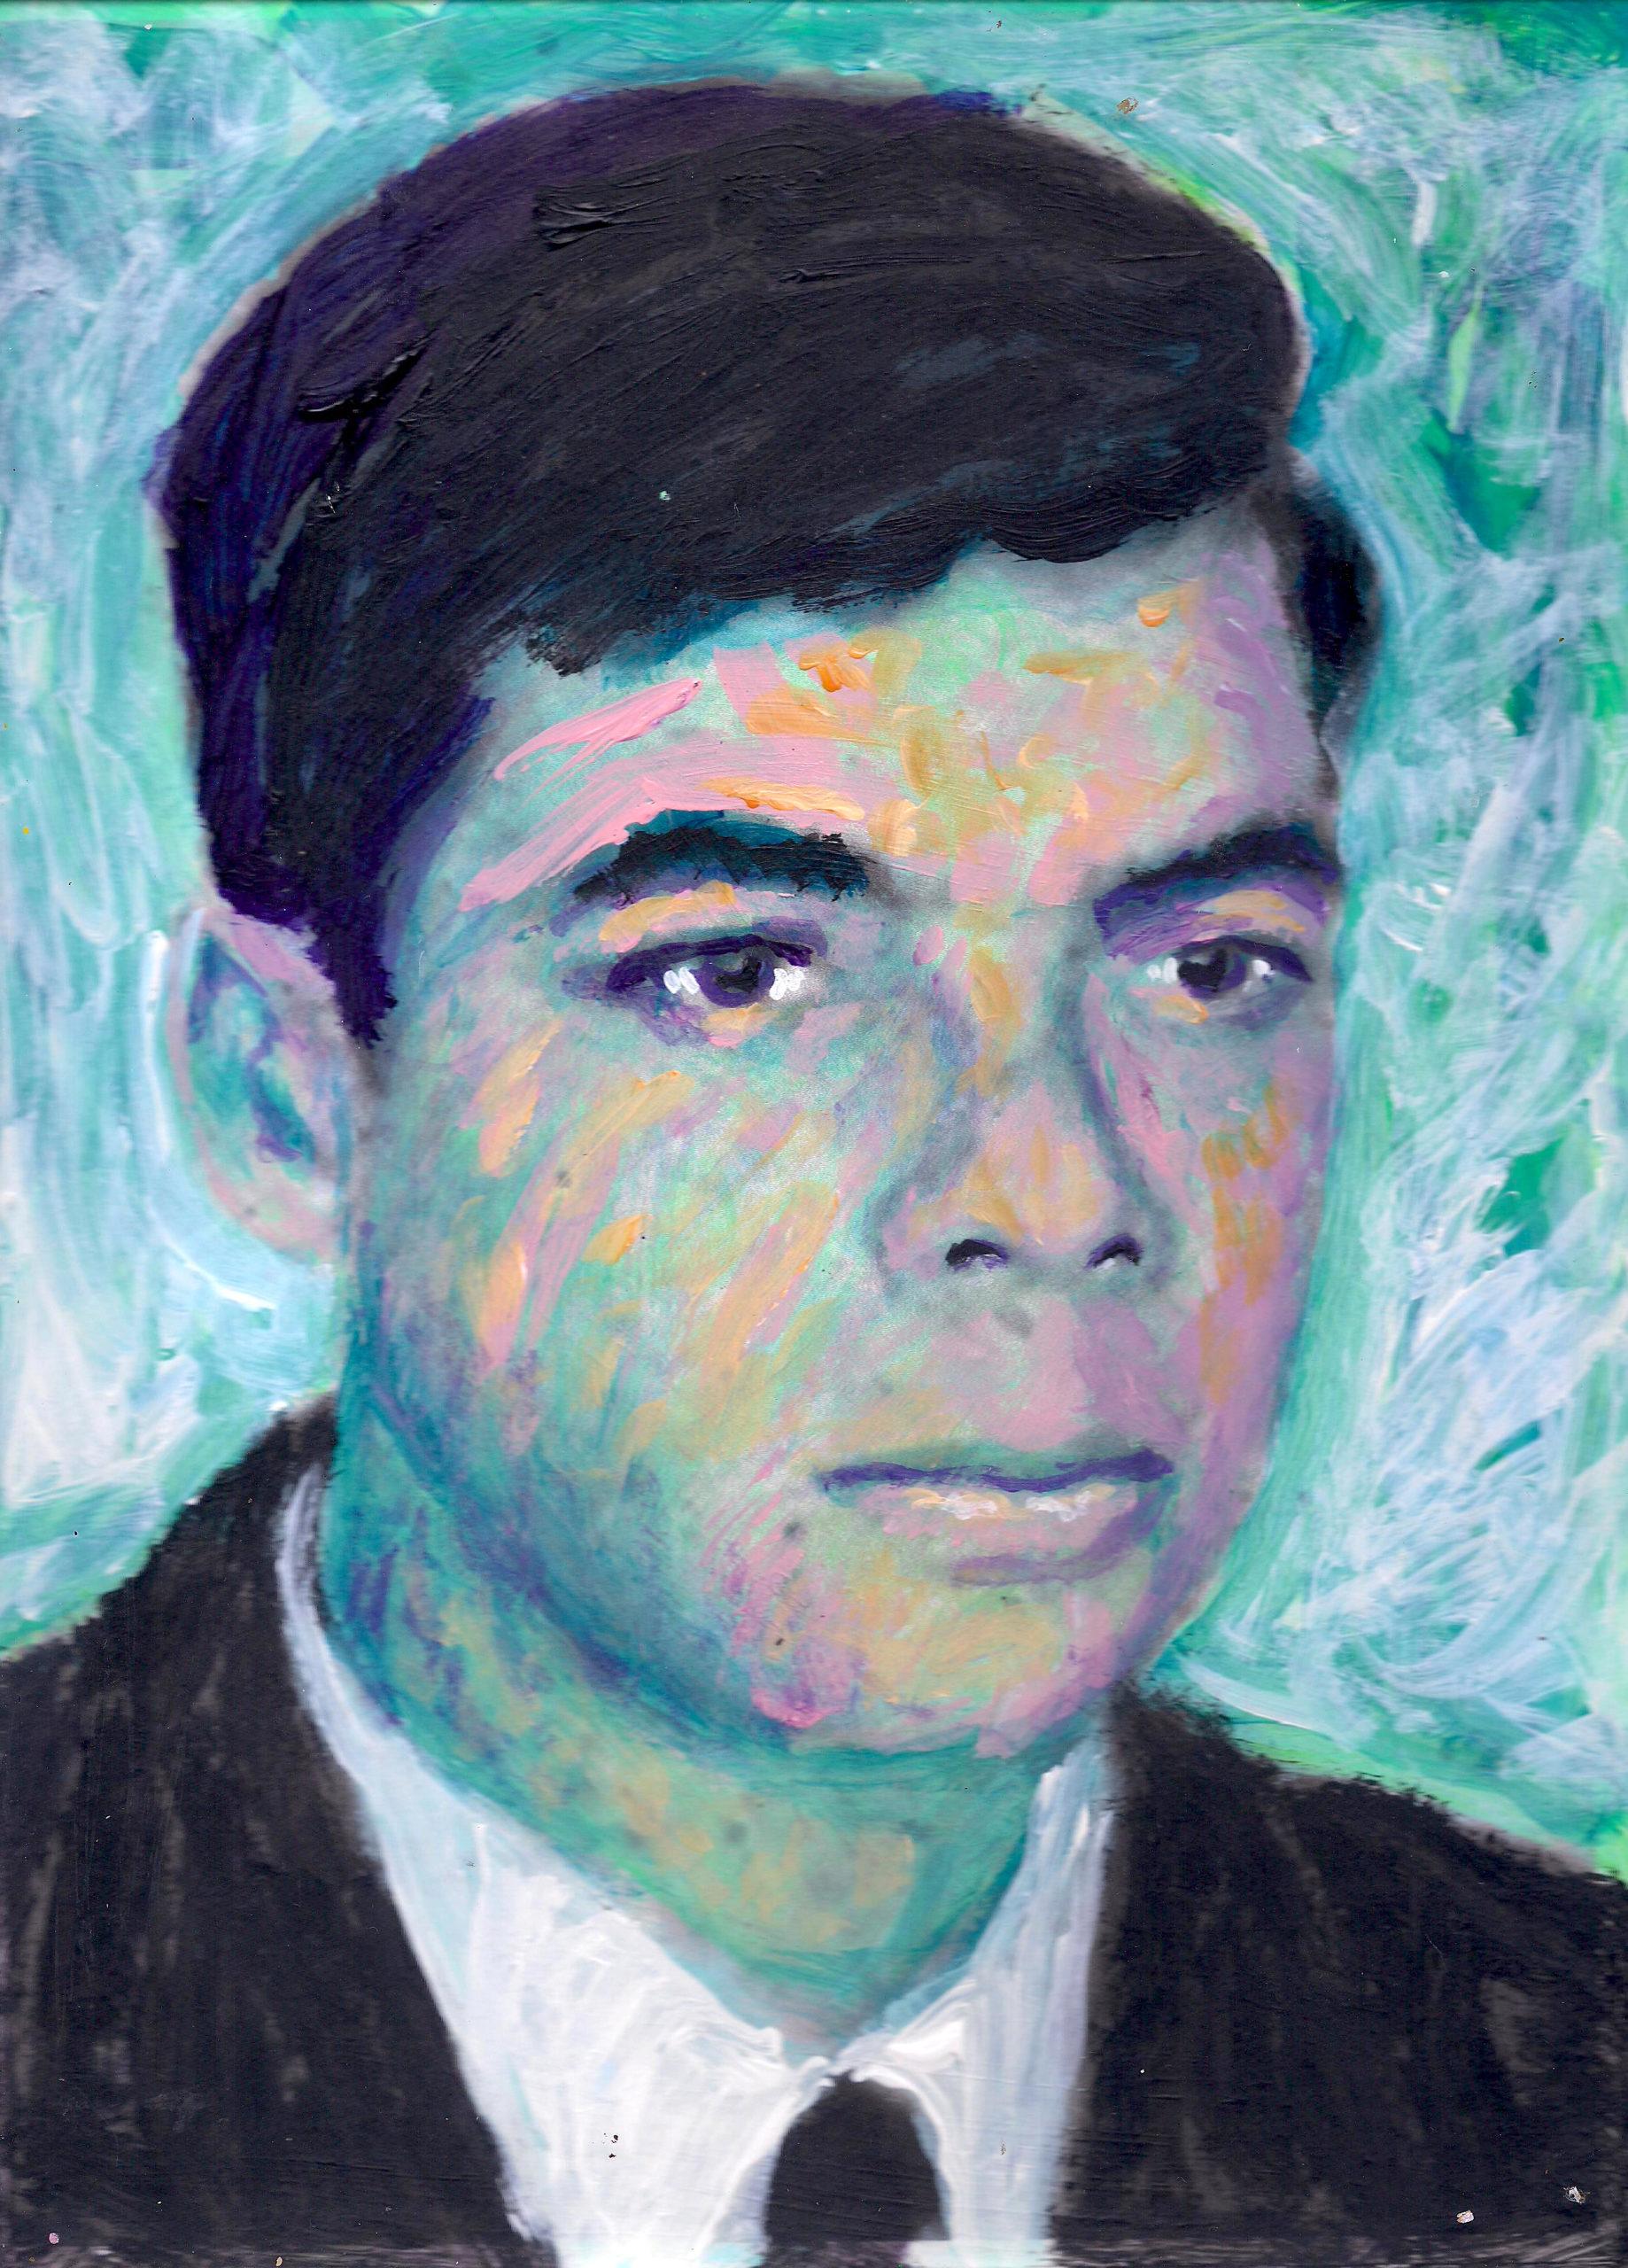 Luis Pablo Diez Novicof